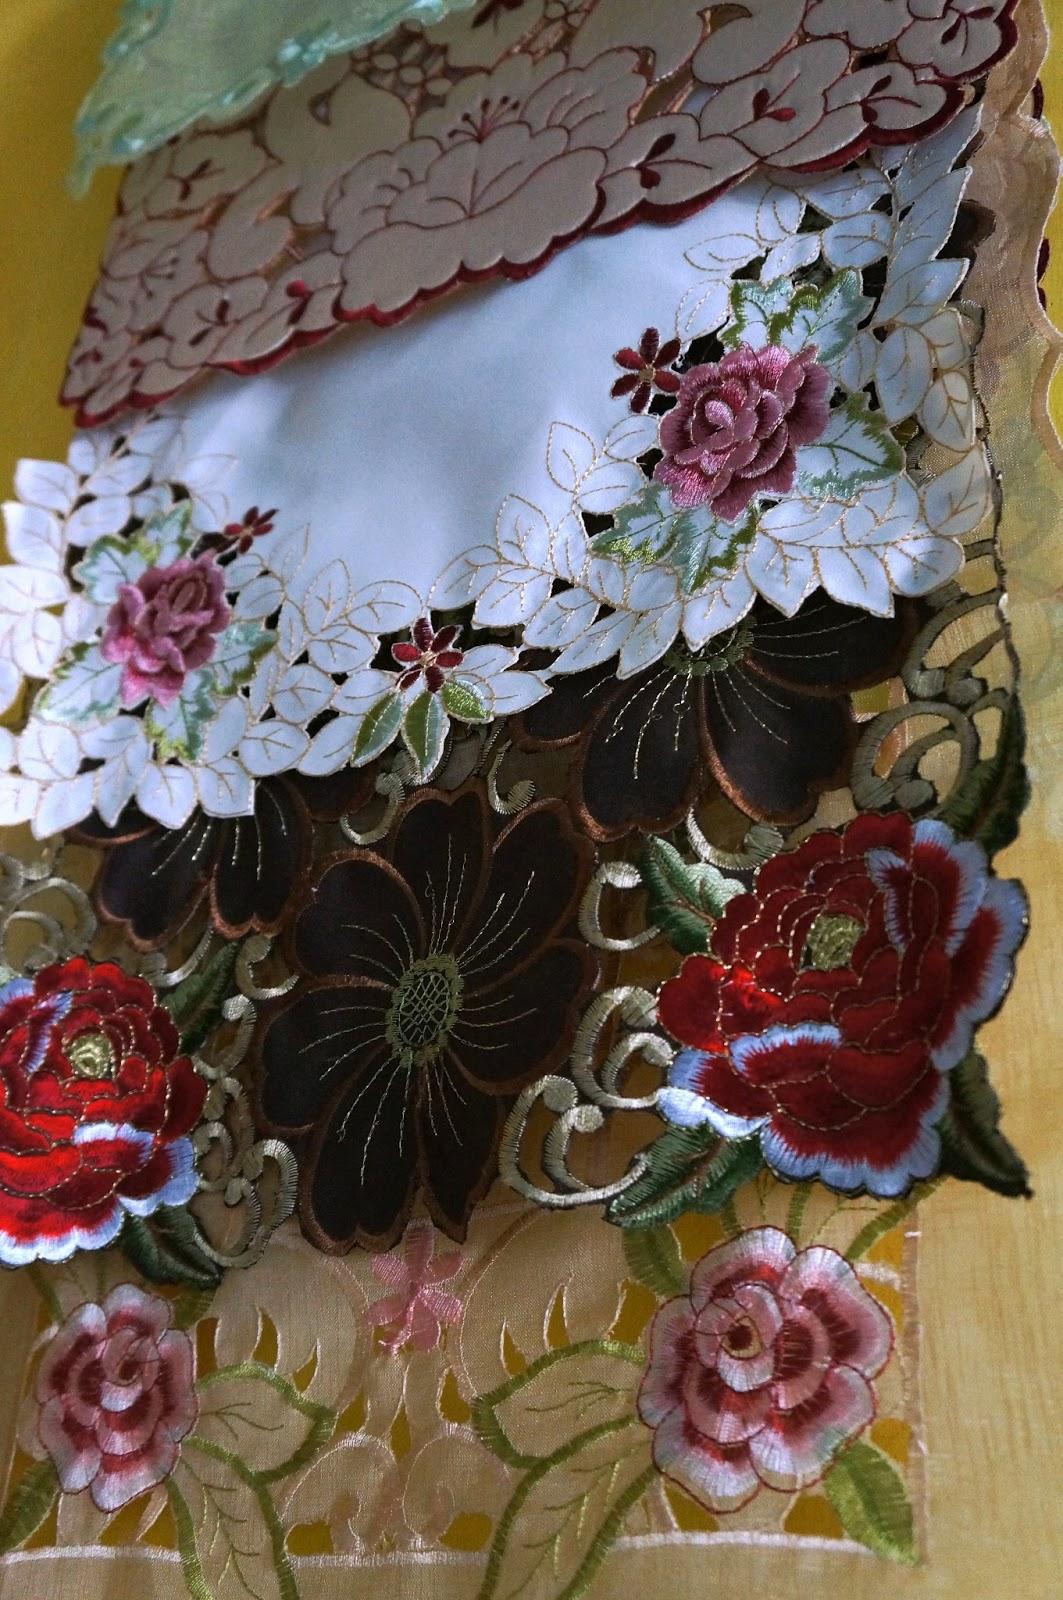 Toko Putra Gembira Carpet And Bed Sheet Selain Menjual Sarung Bantal Kursi Tamu Juga Taplak Meja Untuk Melengkapi Yang